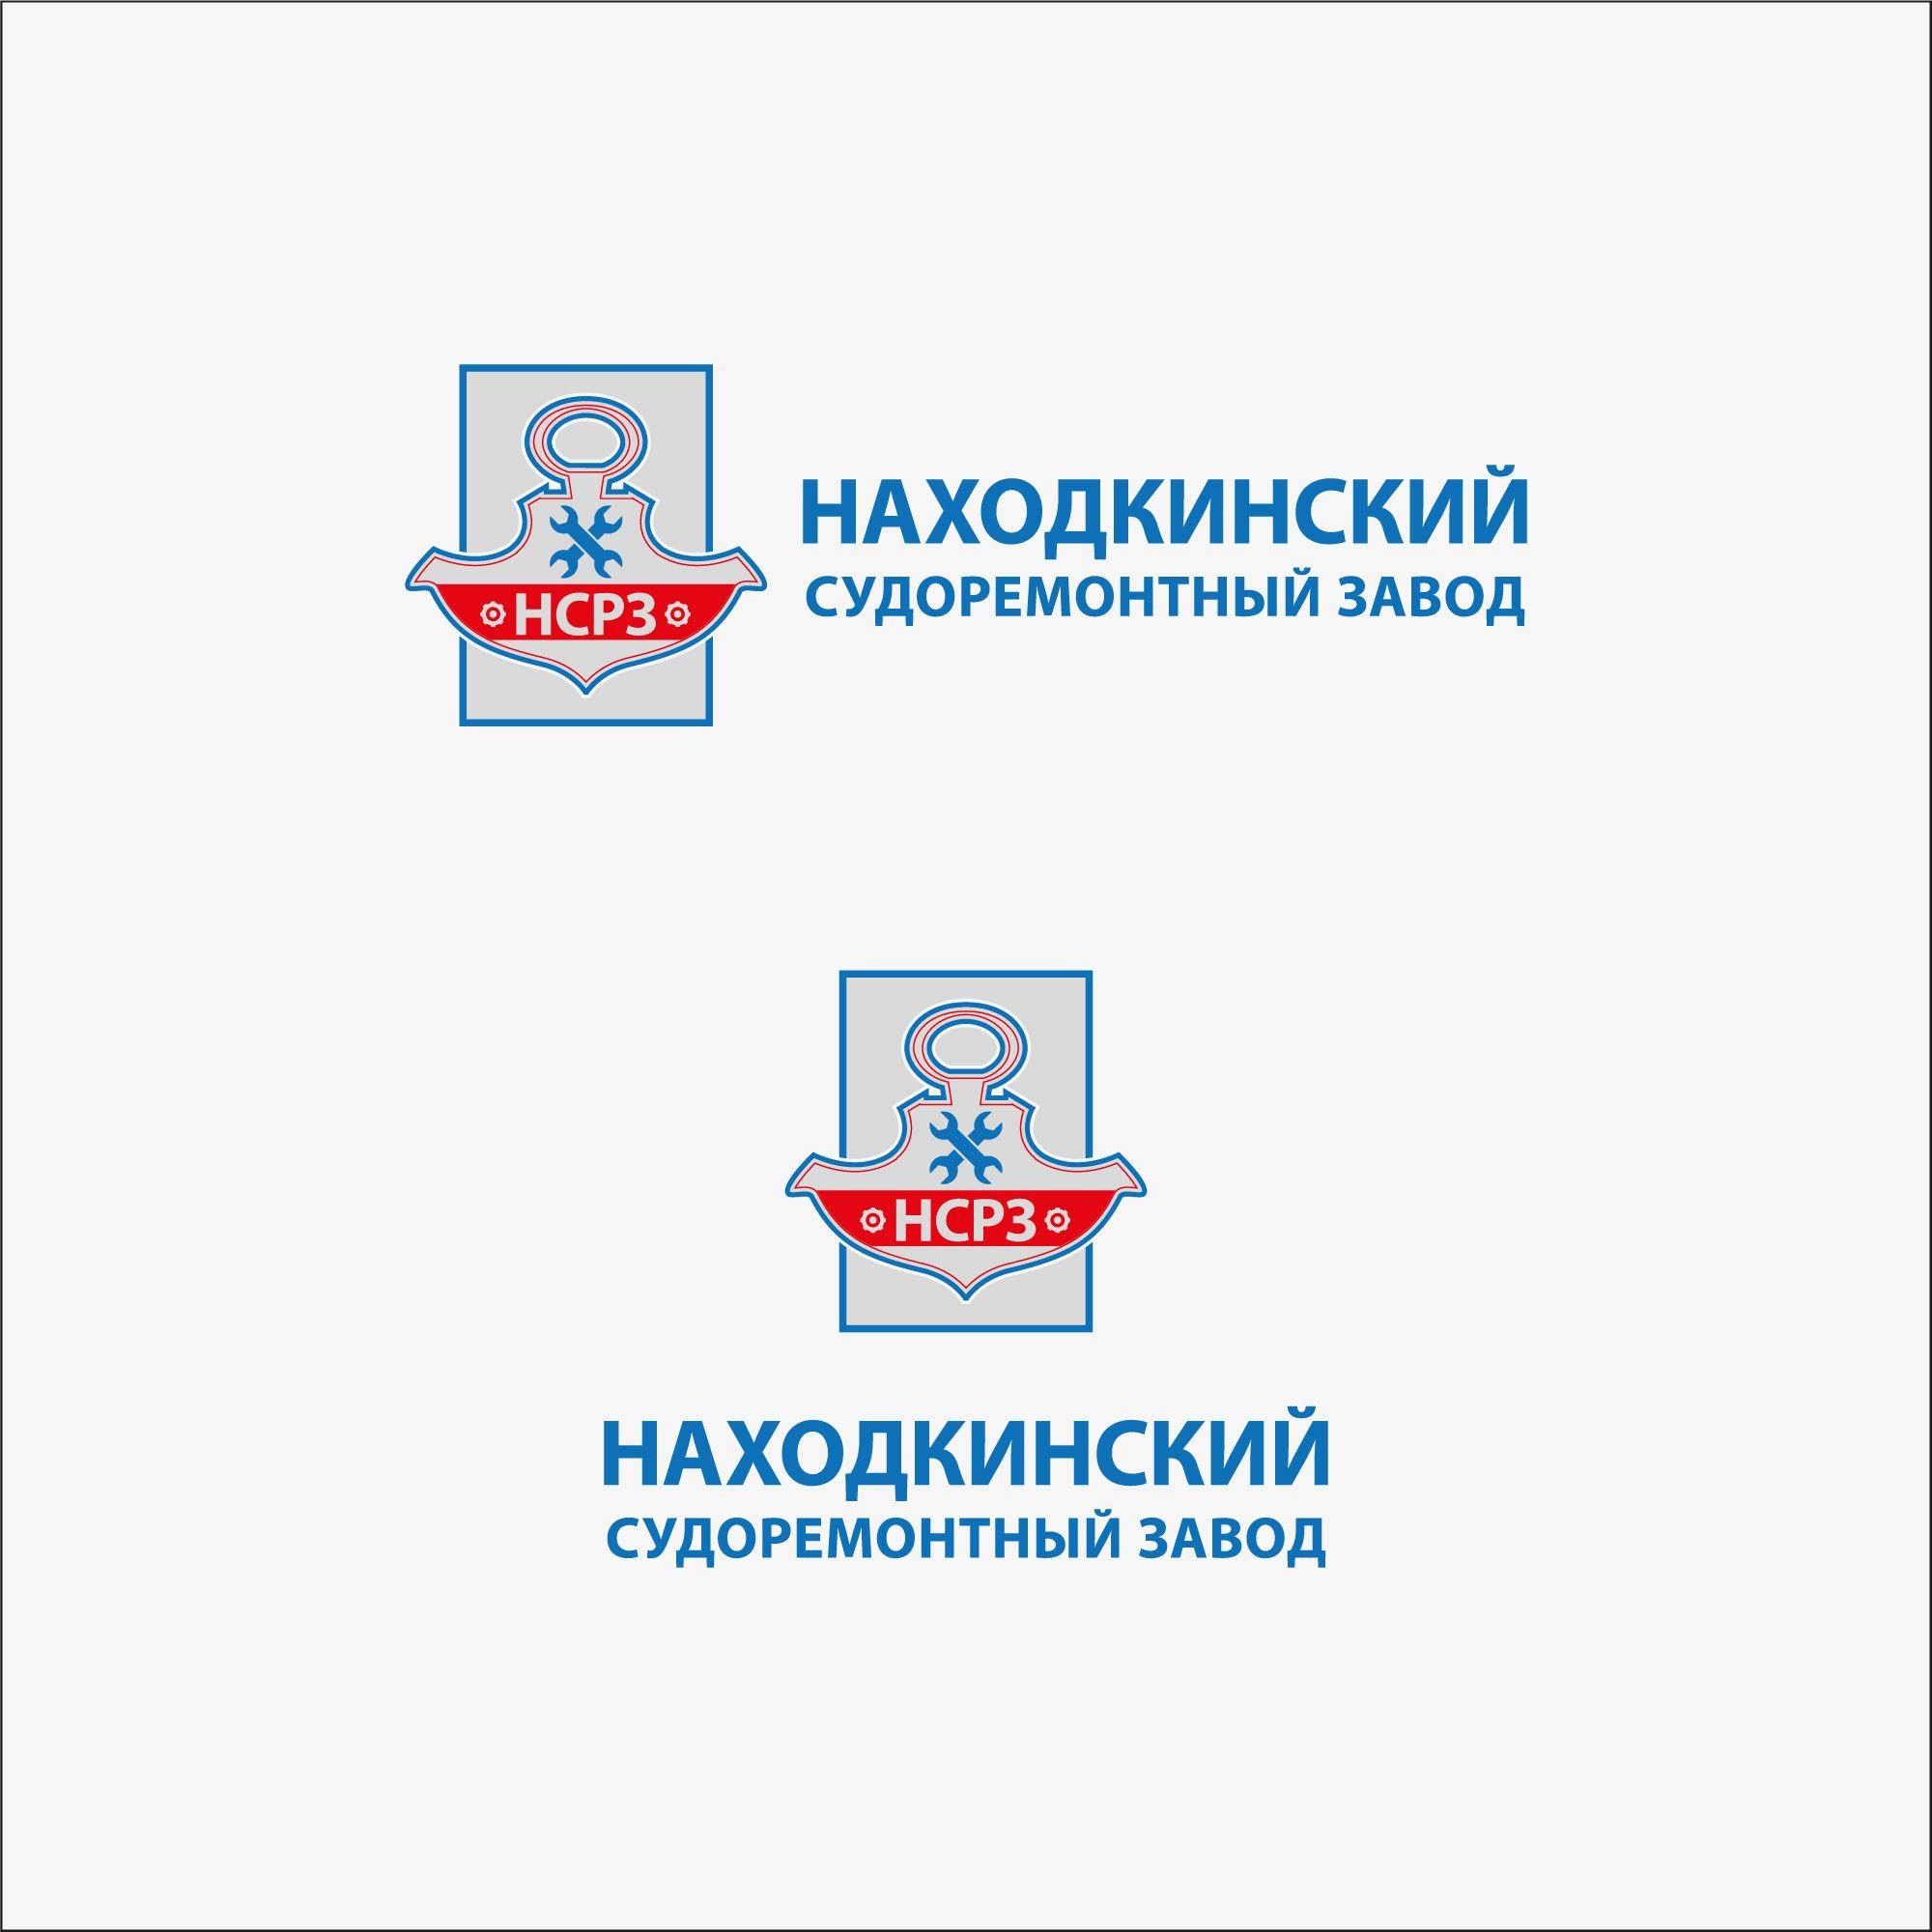 Лого и фирменный стиль для НСРЗ - дизайнер Molchanov